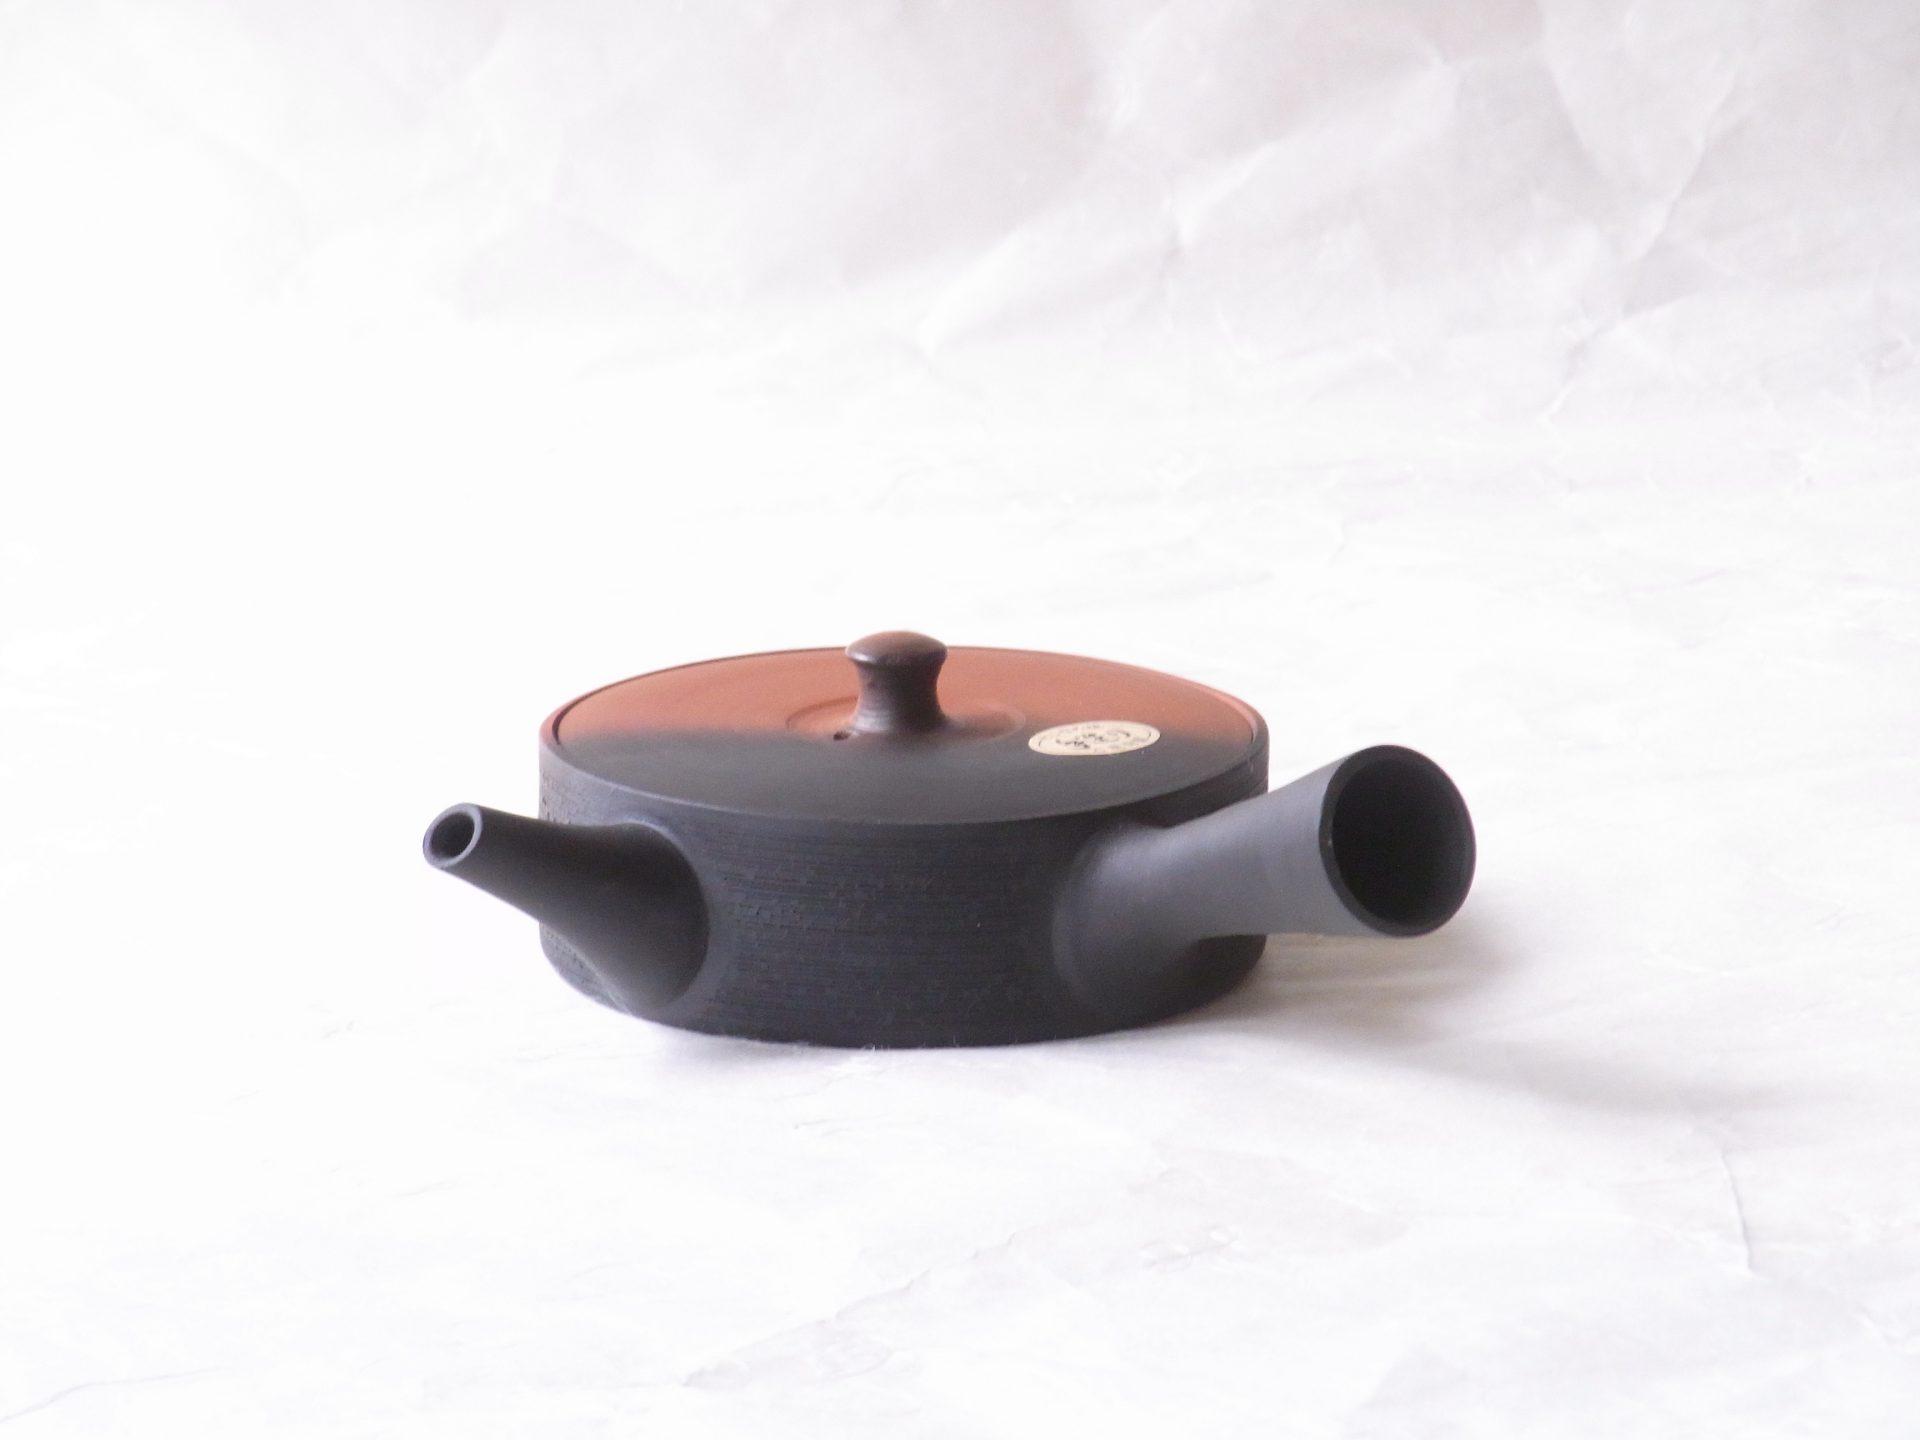 陶磁器 常滑焼 手づくり 究極の平型急須 朱泥・黒ツートン 窯変 松皮 一人用 140cc お茶の味を最大限に引き出す 低く平たく作られた 究極の形 茶葉が早く開く 広がりも良い よりおいしく お茶を抽出できる 水出し冷茶にも使える 一人用 飲み切り 一煎一煎おいしいお茶 陶器製 手づくり茶こし 熟練の職人技 口径と胴径が同じ 急須の内側が洗いやすい 衛生的 朱泥 黒窯変 朱と黒窯変のツートン 朱と黒両方楽しむ 松皮 松の樹皮のような細かい筋 横方向に無数 細部にも手間 蓋きっちり 注ぎ口 液だれしにくい 片手でも、親指で蓋を押さえながら 機能的 究極の急須 日本製 陶器 磁器 陶磁器 漆器 茶道具 華道具 贈り物 ギフト 記念品 引出物 法要 お返し 専門店 リアル店舗 茶の湯 茶道 裏千家 表千家 茶会 月釜 抹茶 高品質 安らぎ いやし よりおいしく 安心 機能的 長持ち 人気 おすすめ 高機能 ネット通販 ネットショップ セレクトショップ 欲しい 購入 買う 買い物 岐阜県 岐阜市 美殿町 小林漆陶 特別な 選び抜かれた 品質重視 使いやすい 格安 老舗 誕生日 結婚 出産 入学 退職 母の日 父の日 敬老の日 クリスマス プレゼント 叙勲 長寿 新築 お祝い 御礼 内祝い 外国土産 海外みやげ 実店舗 創業100年以上 使うと分かる 職人技 日本一の品揃え 日本一の在庫数 専門店 専門知識 数万点の在庫 百貨店(高島屋 三越 伊勢丹 松坂屋 大丸)にない 手作り お洒落 高級品 希少価値 上質な器 伝統工芸品 コスパ お値打ち お買い得 堅牢 飽きない 永く使える お気に入り 国産 料理が映える 満足感 豊かな食生活 豊かな食文化 こだわりの器 日本文化 他にない ここにしかない オリジナル 独自の 個性的 ここでしか買えない 超レアもの 一品もの 現品限り 入手困難 いい器 匠の技 美しい 実用的 外人が喜ぶ店 外人が珍しがる店 外人がうれしい店 日本各地の一級品を売る店 日本全国の器を売る店 本当にいいもの コスパ高い 一流品 修理 選りすぐりの逸品 周年記念 永年勤続表彰 退職記念 卒業記念 日本土産 岐阜土産 岐阜のおみやげ 岐阜の特産品 料理を引き立てる器 高級店 一流店 岐阜で一番 東海で一番 中部で一番 日本で一番 おしゃれな店 地域一番店 実店舗 陶磁器 磁器 華道具 ガラス器 明治42年創業